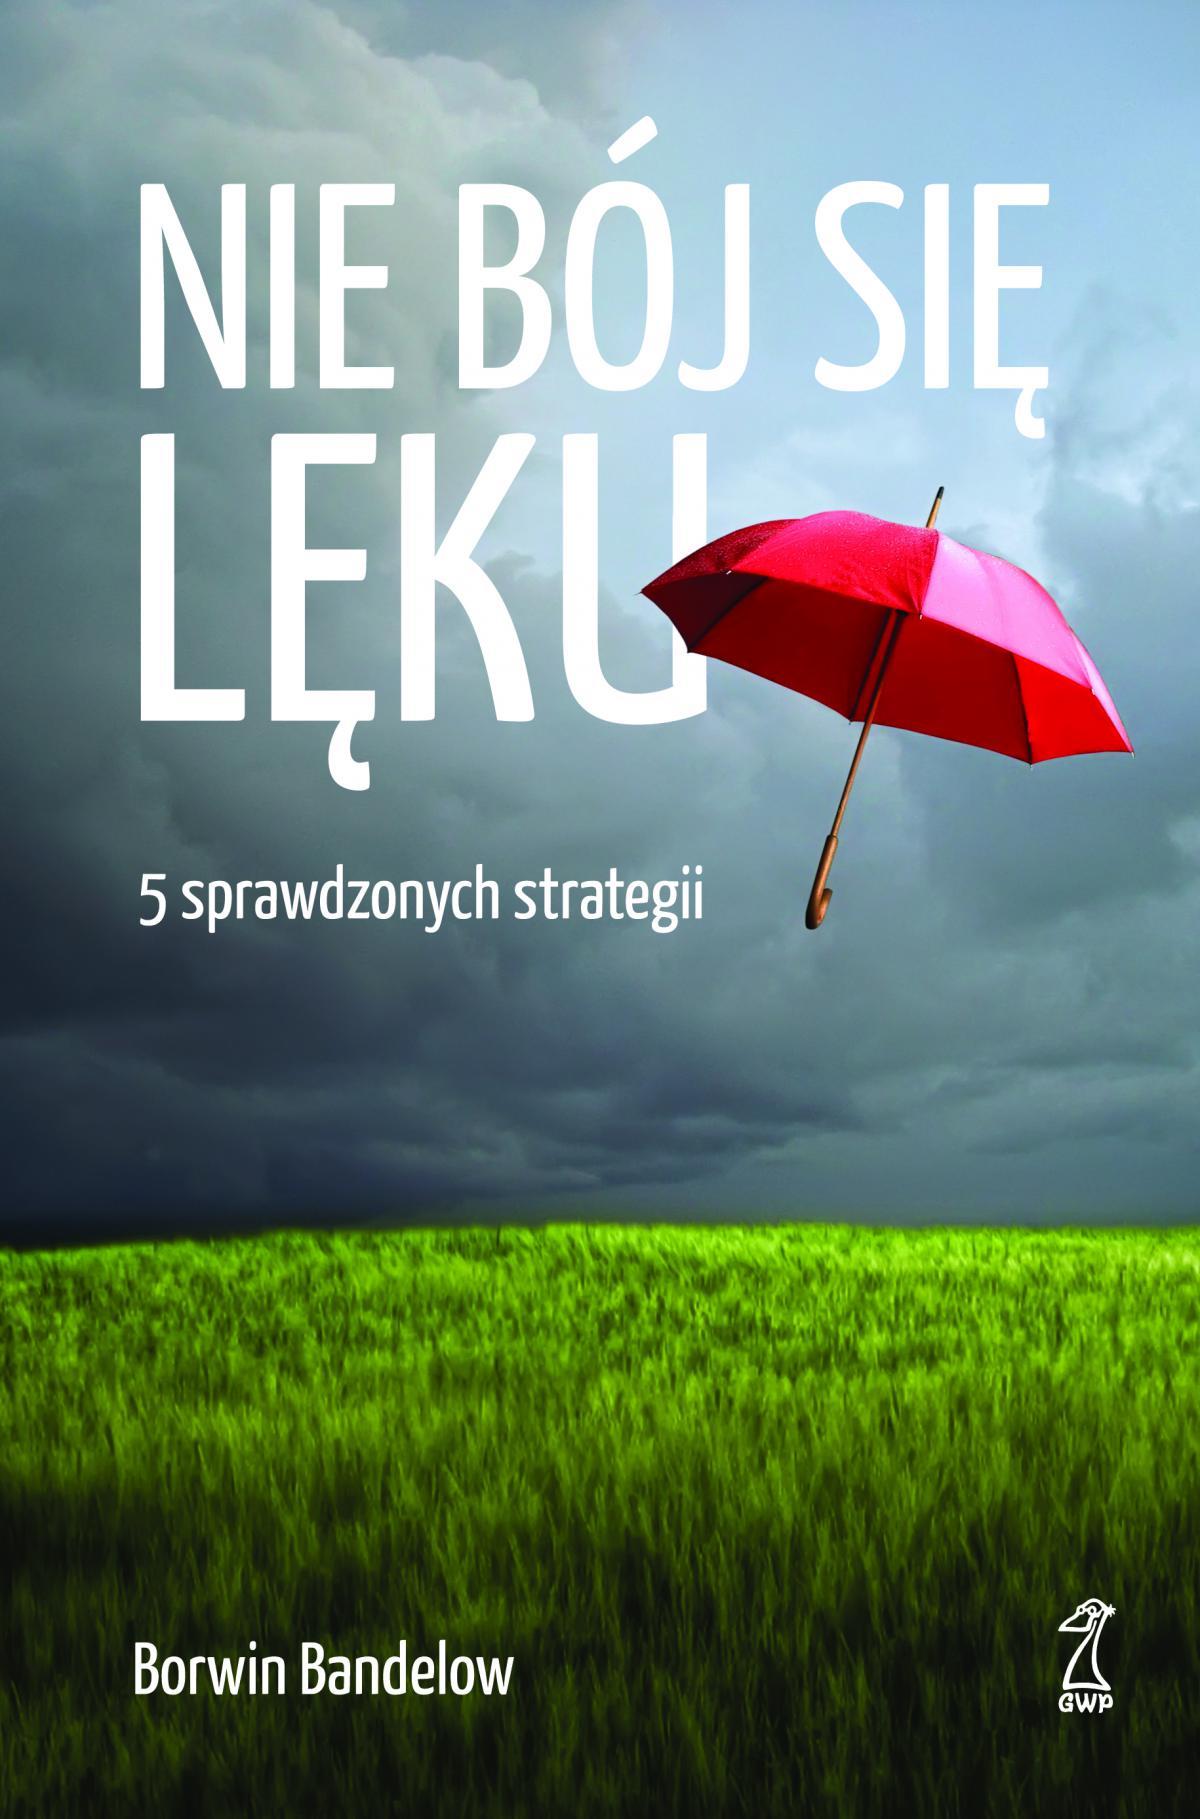 Nie bój się lęku. 5 sprawdzonych strategii radzenia sobie z nim - Ebook (Książka na Kindle) do pobrania w formacie MOBI